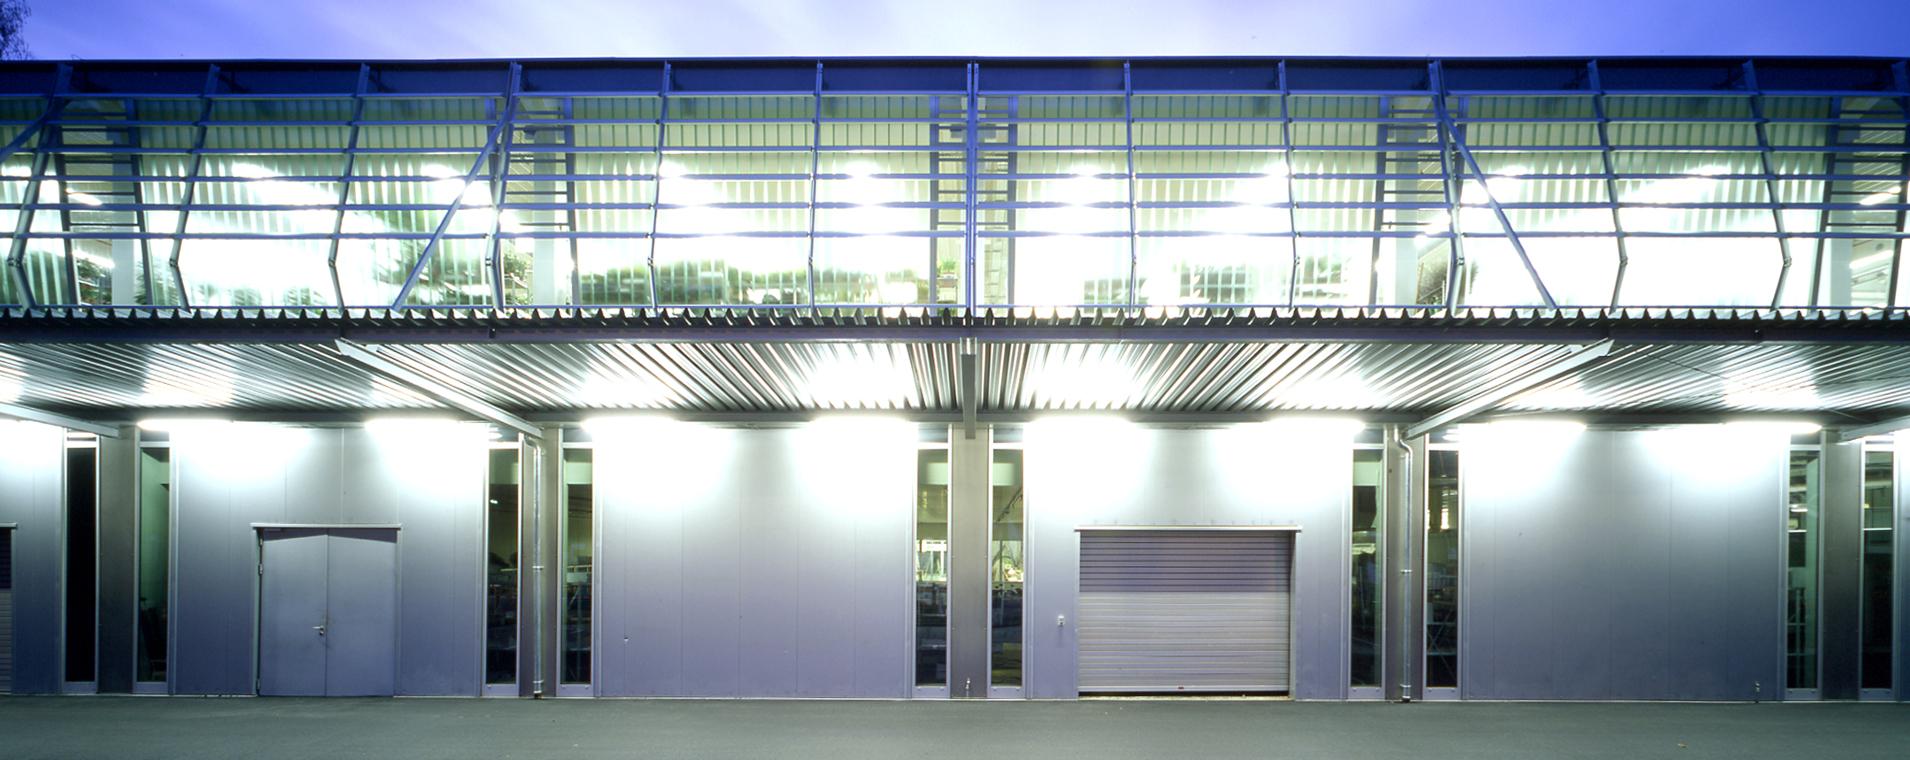 Retail_Market_Architektur